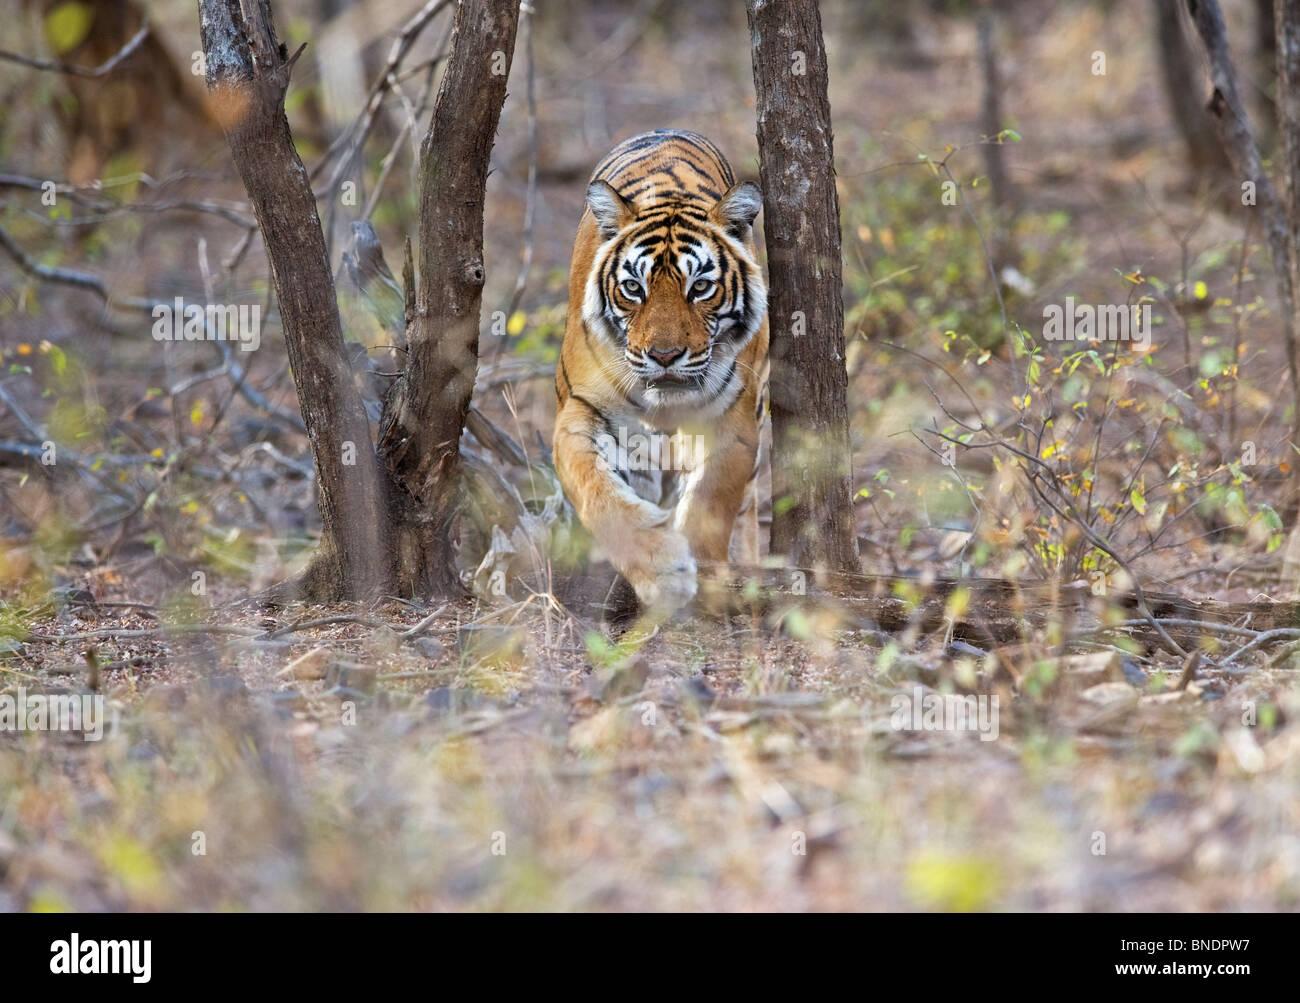 Royal bengal Tiger Panthera tigris tigris endangered Ranthambhore National Park Rajasthan India - Stock Image